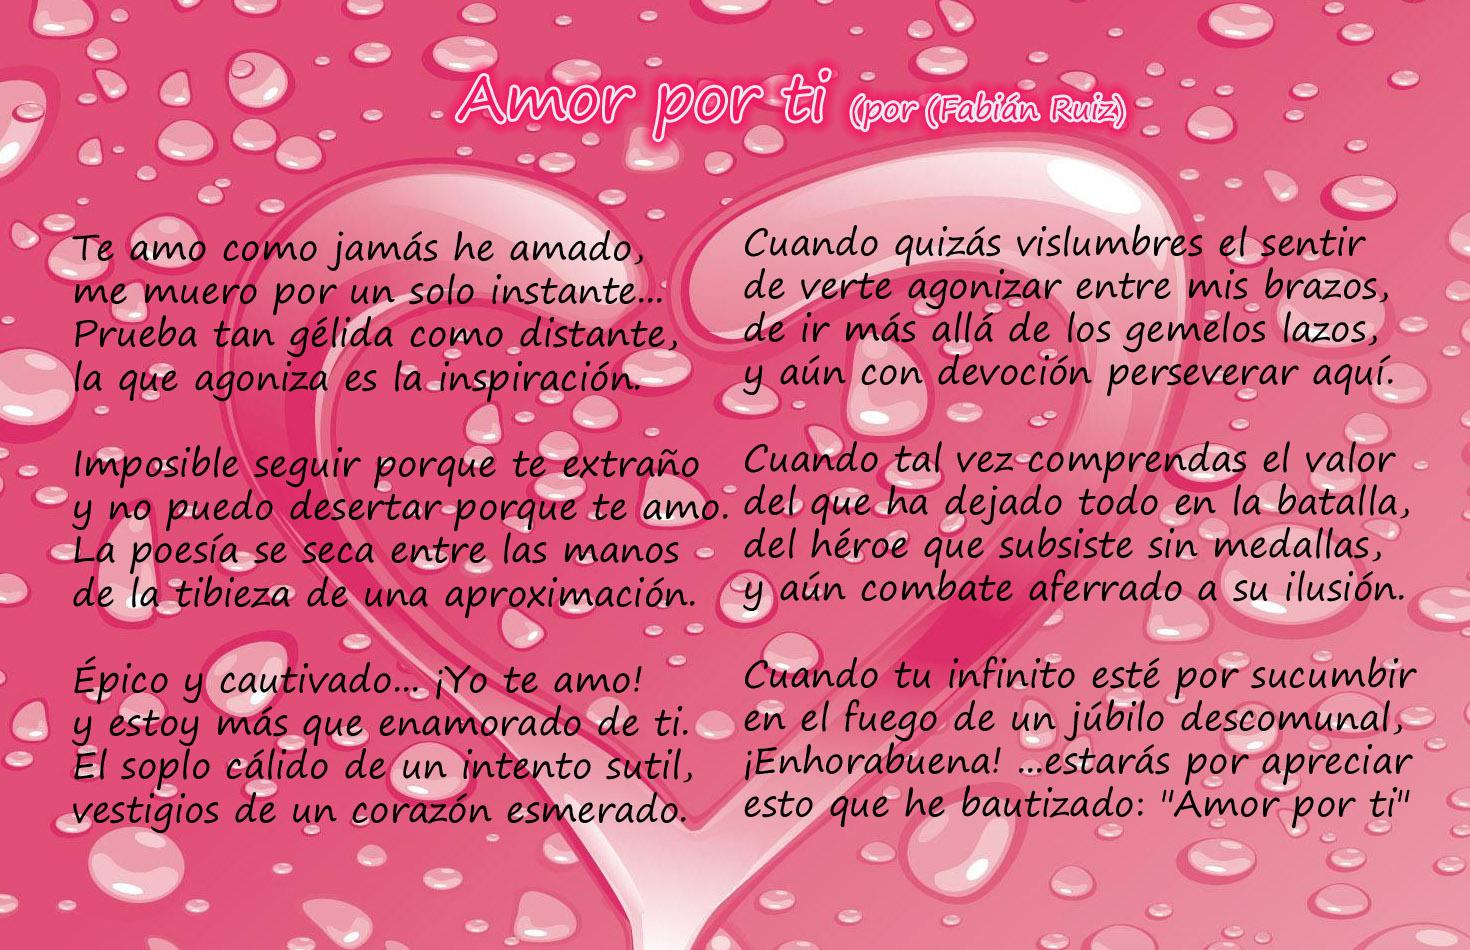 Imagenes De Amor Con Frases Fotos Bonitas Gratis Para Descargar